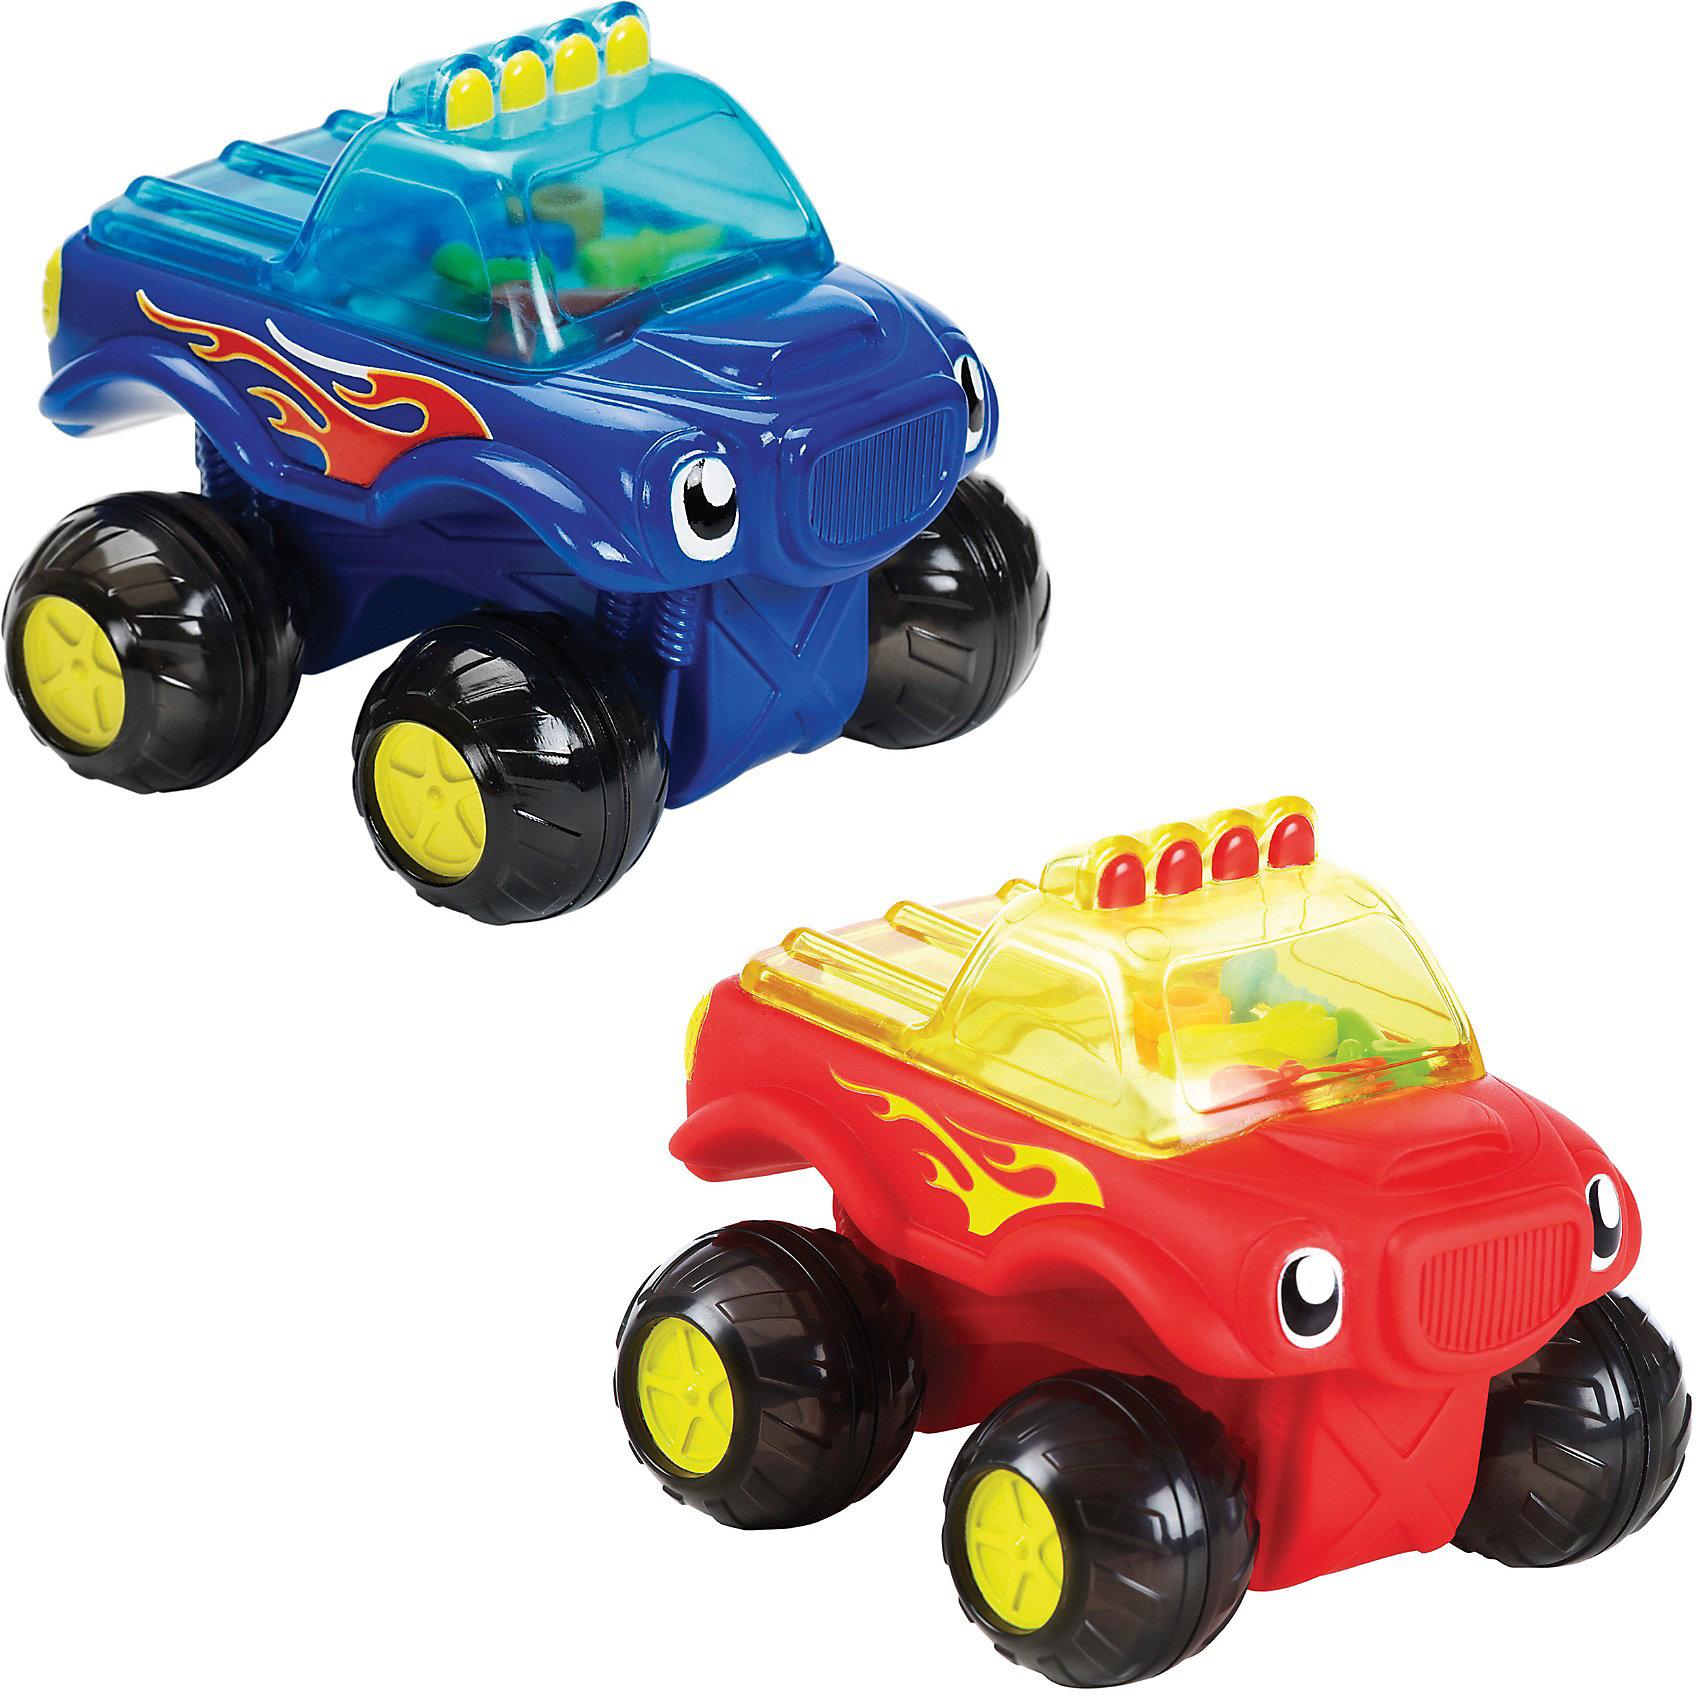 Игрушка для ванной машинка  на колёсиках от 18мес., Munchkin, в ассортиментеС машинками можно играть не только на суше, но и во время купания, потому что эта машина-монстр ездит на колесах и плавает в воде!Идеальный размер для маленьких ручек и большого воображения. В кабине грузовика множество цветных инструментов, которые гремят во время движения машины, их хорошо видно через прозрачное окно. <br><br>Дополнительная информация:&#13;<br>&#13;<br>- Monster Truck катится по земле и плавает в воде <br>-разноцветные инструменты гремят в прозрачной пластиковой кабине для удовольствия малыша, а также слуховой и визуальной стимуляции <br>- два варианта дизайна<br>- материал: пластик&#13;<br>- размеры: 11 х 14,5 х 9 см&#13;<br><br>ВНИМАНИЕ! Данный артикул представлен в разных цветовых исполнениях (в красном и синем цвете). К сожалению, заранее выбрать определенный цвет невозможно. При заказе нескольких игрушек возможно получение одинаковых.<br><br>Игрушку для ванной машинка  на колёсиках от 18мес., Munchkin можно купить в нашем магазине.<br><br>Ширина мм: 100<br>Глубина мм: 119<br>Высота мм: 150<br>Вес г: 177<br>Возраст от месяцев: 12<br>Возраст до месяцев: 48<br>Пол: Мужской<br>Возраст: Детский<br>SKU: 3717343